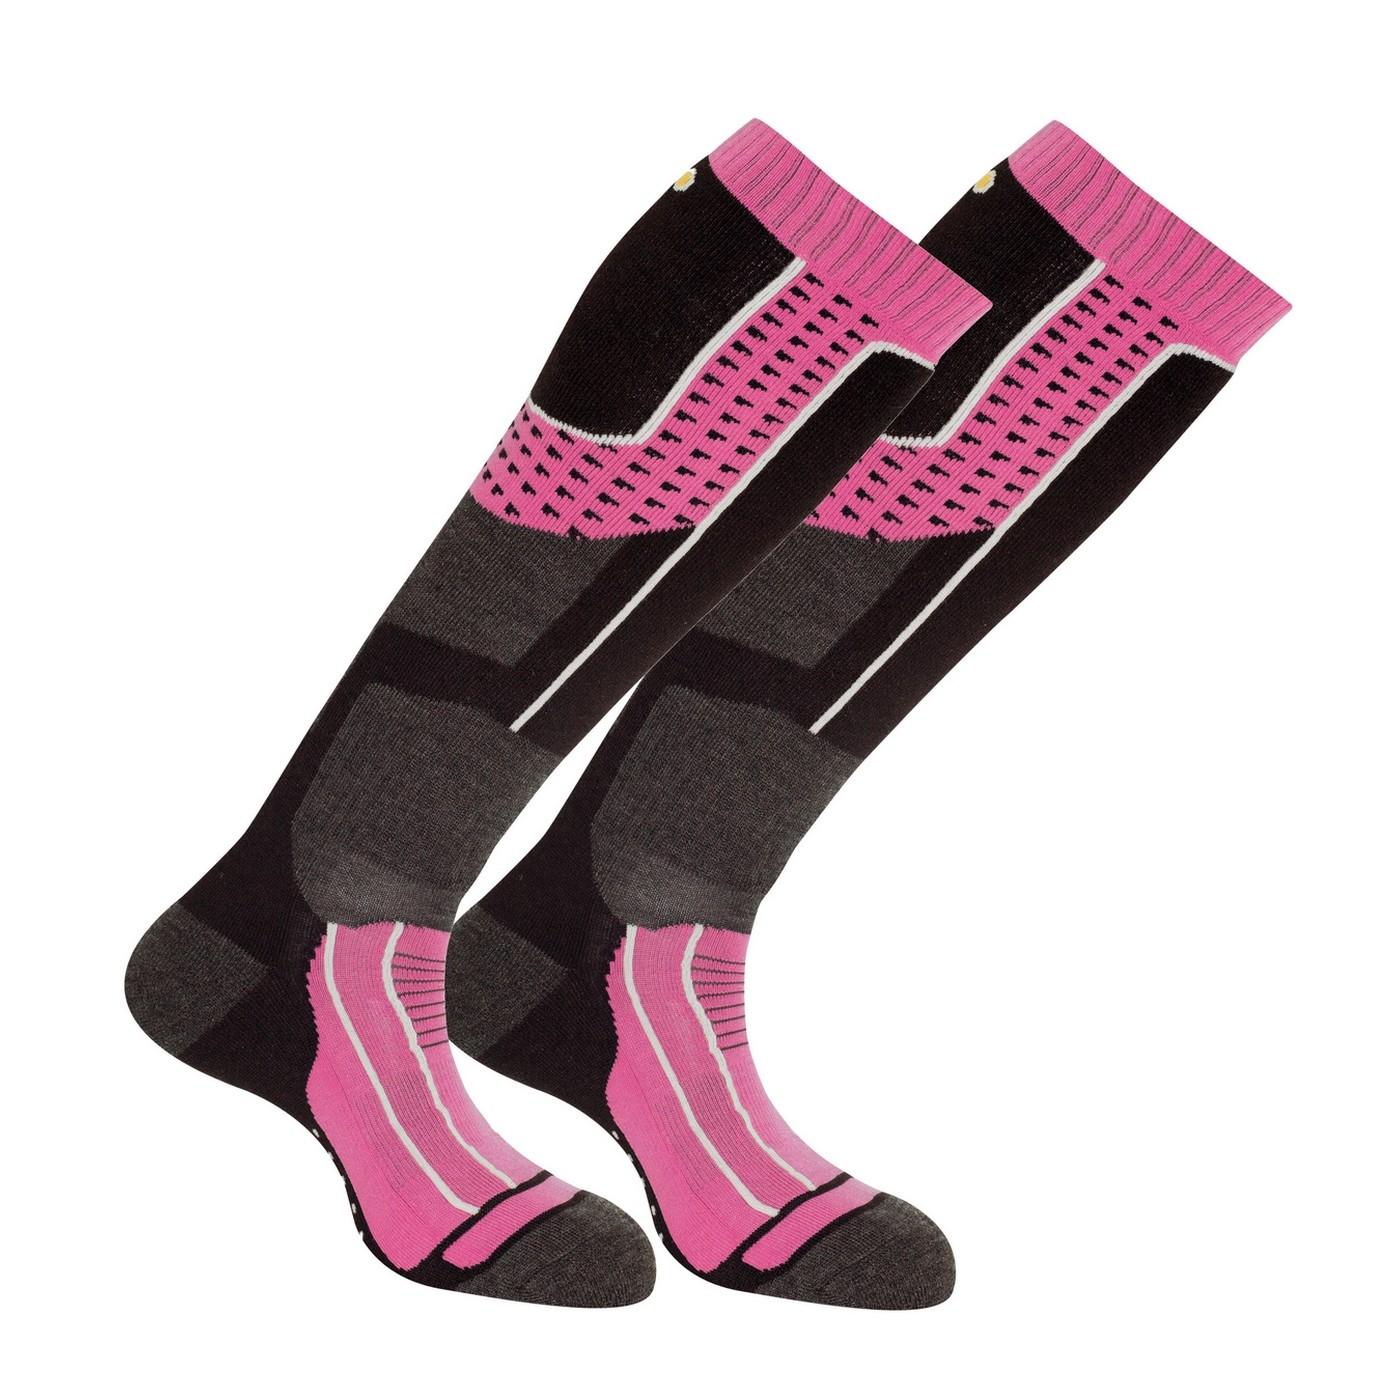 3b2d47f2f377 Lot de 2 paires de chaussettes de ski Isoltech 2 - ski - Thyo